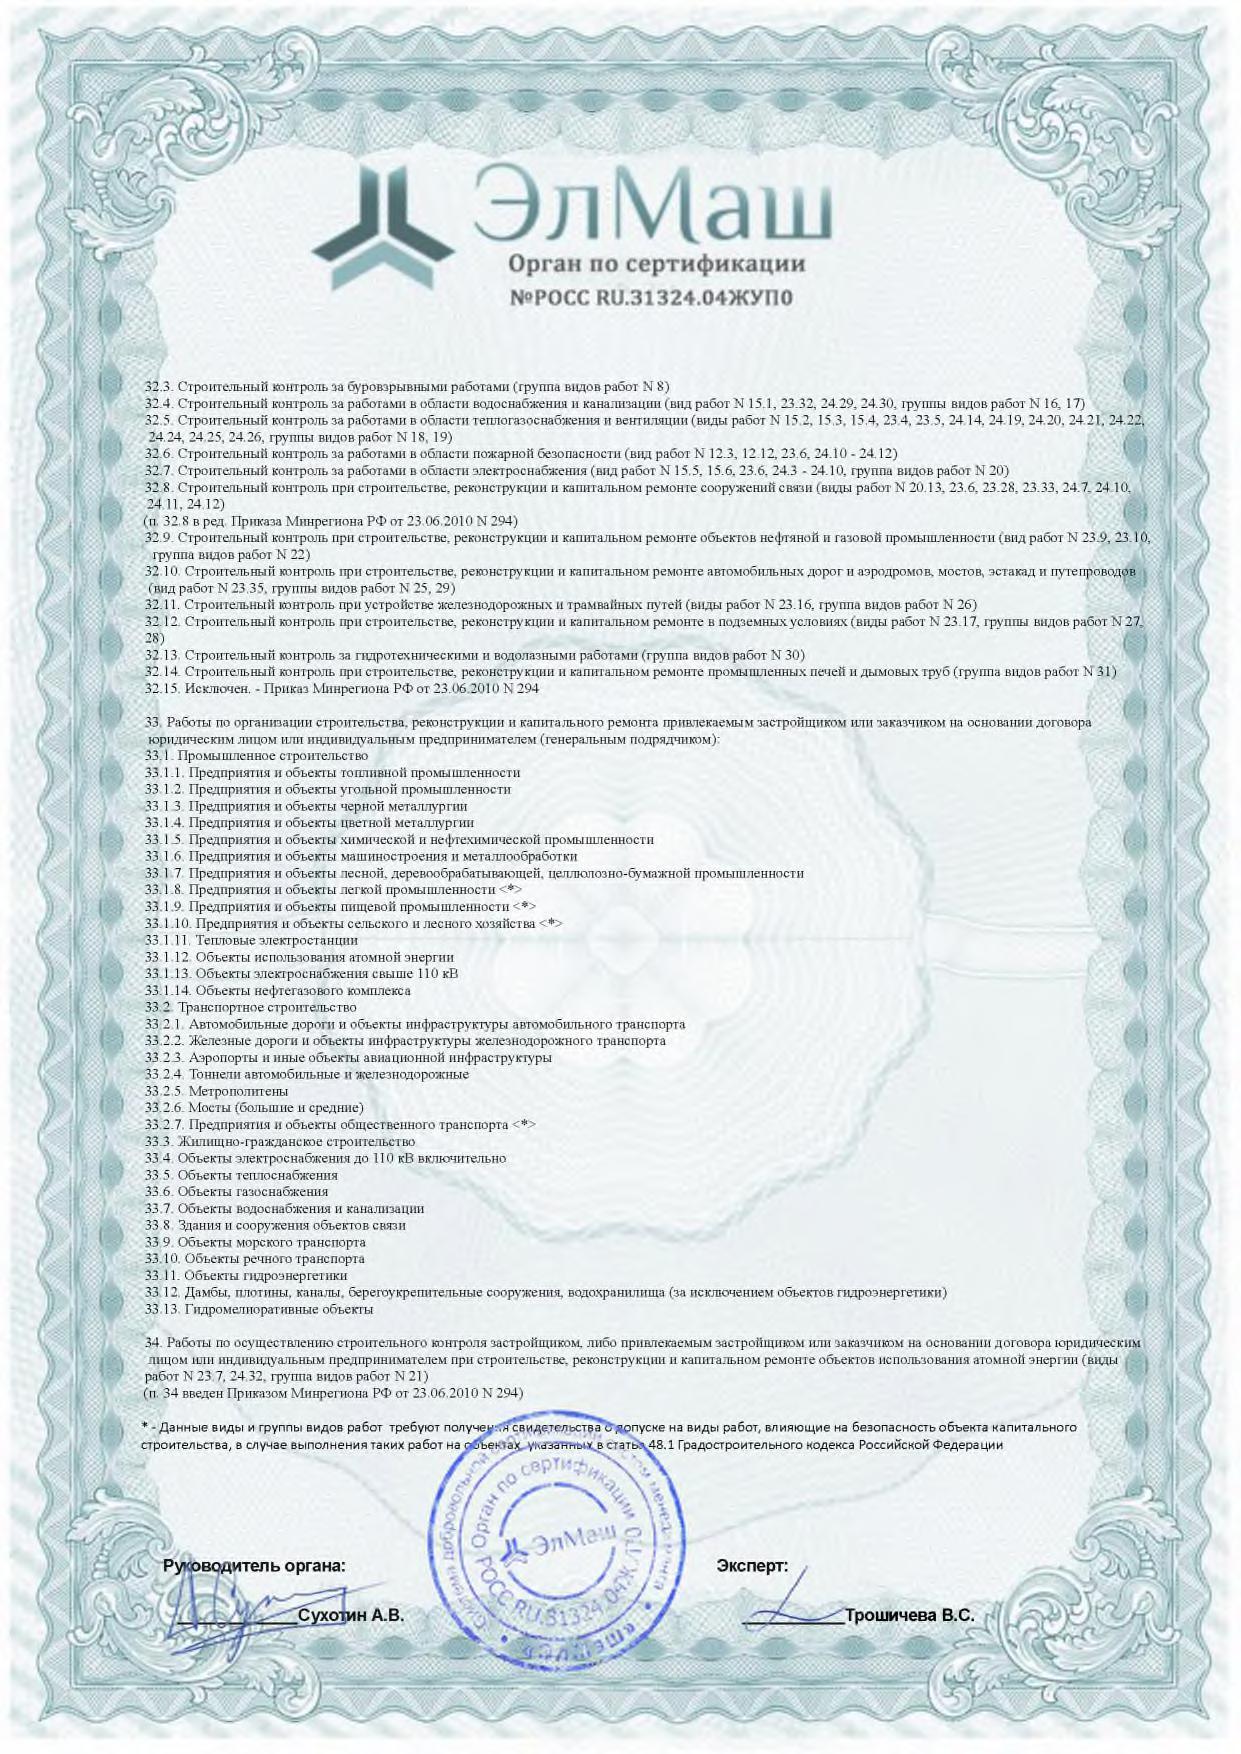 Приложение к сертификату виды работ по строительству и капитальному ремонту стр 6